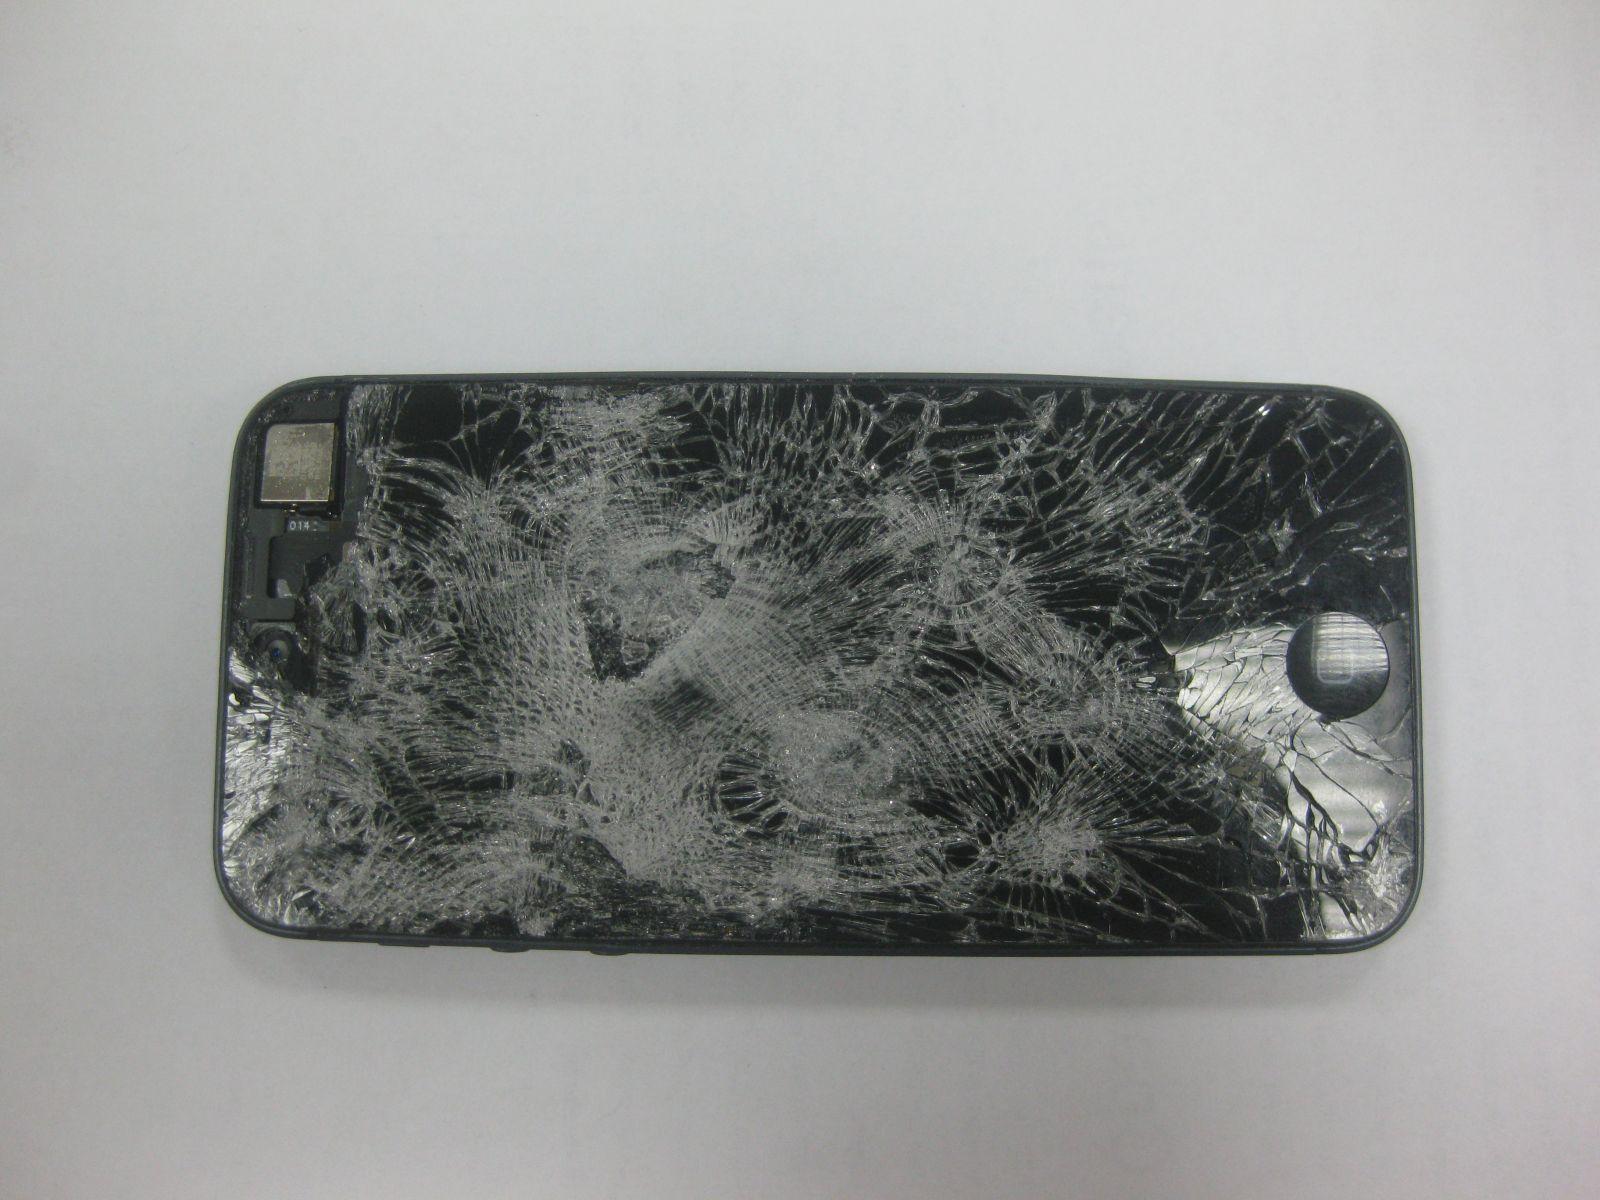 Разбили дисплей iPhone 5c